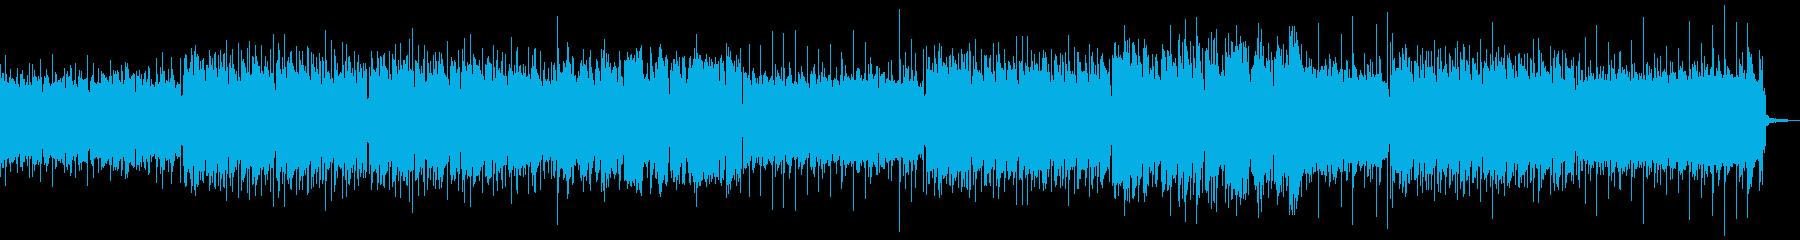 クラシック曲をエレクトリック元気ポップにの再生済みの波形